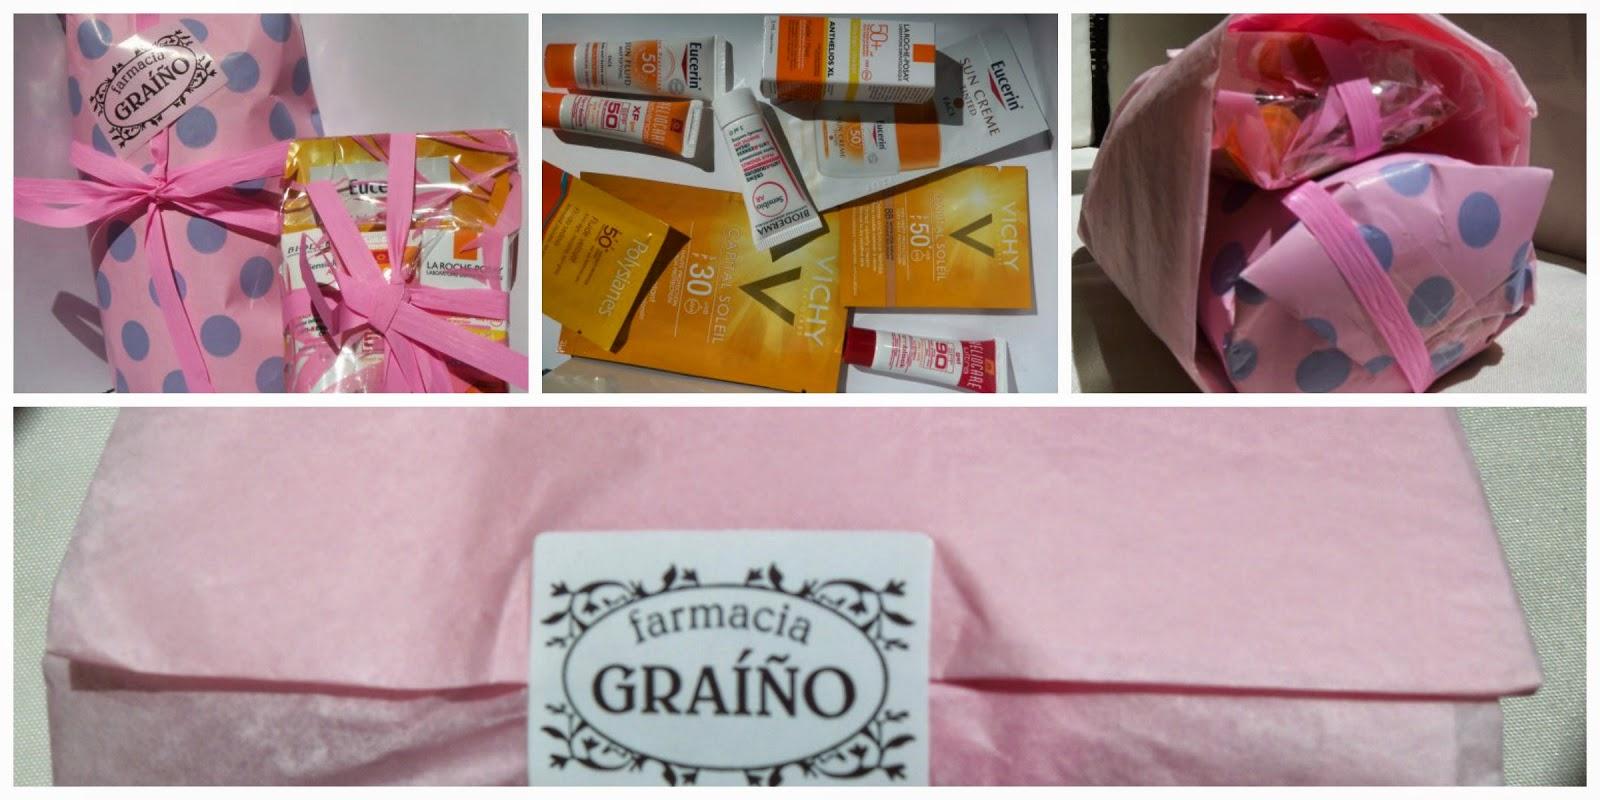 http://mitocadoryyo.blogspot.com.es/2014/04/farmacia-graino-lote-de-muestras-de.html